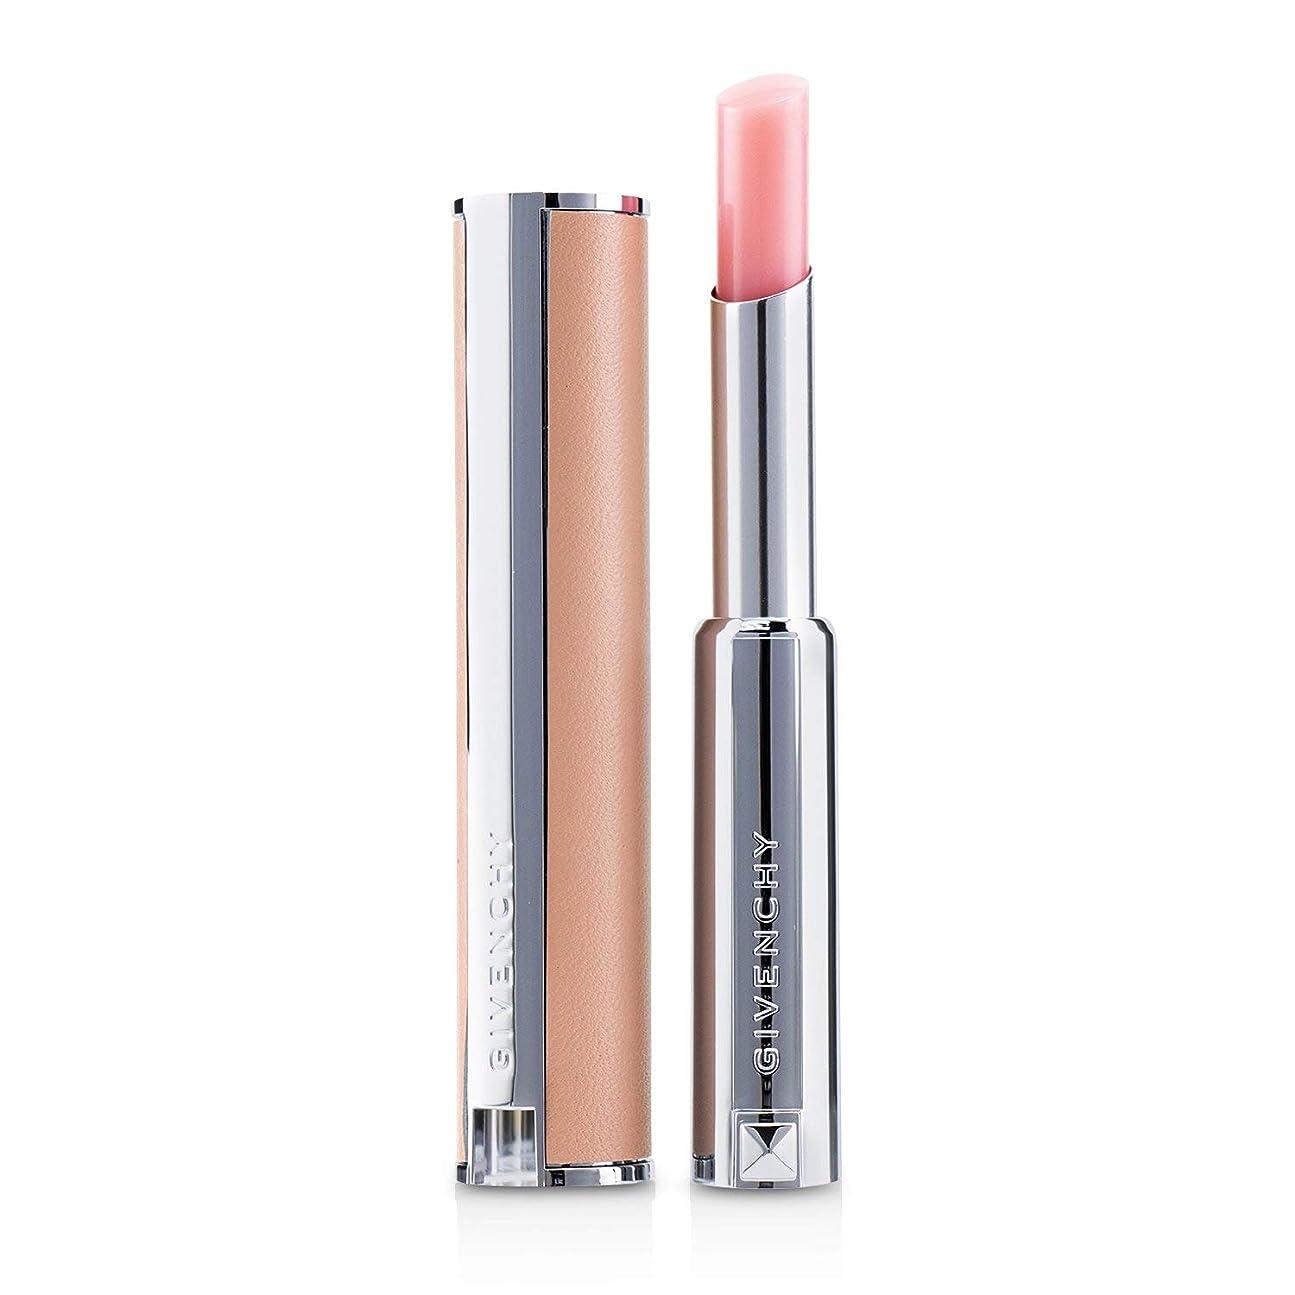 進行中ソートデッドロックジバンシィ Le Rose Perfecto Beautifying Lip Balm - # 01 Perfect Pink 2.2g/0.07oz並行輸入品